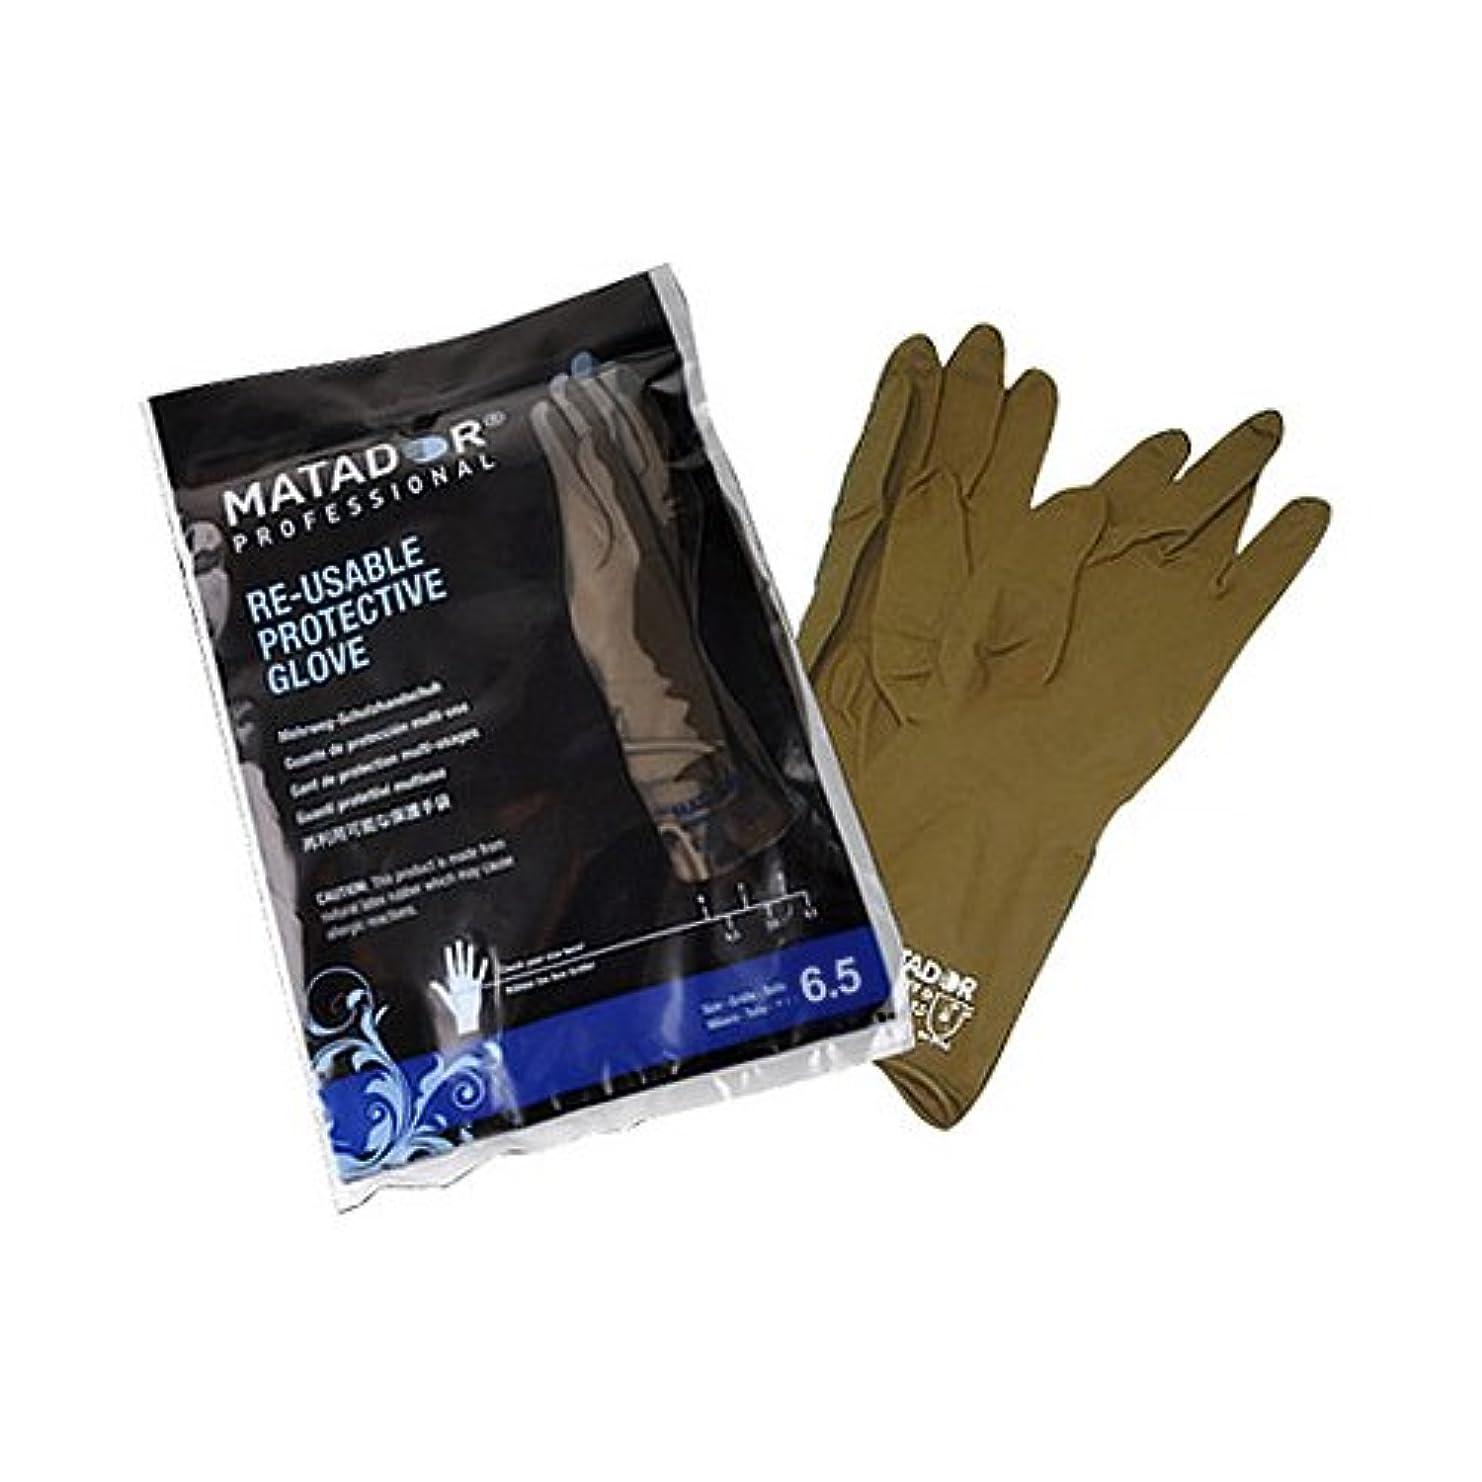 リズムベジタリアンクレーターマタドールゴム手袋 6.5吋 【5個セット】